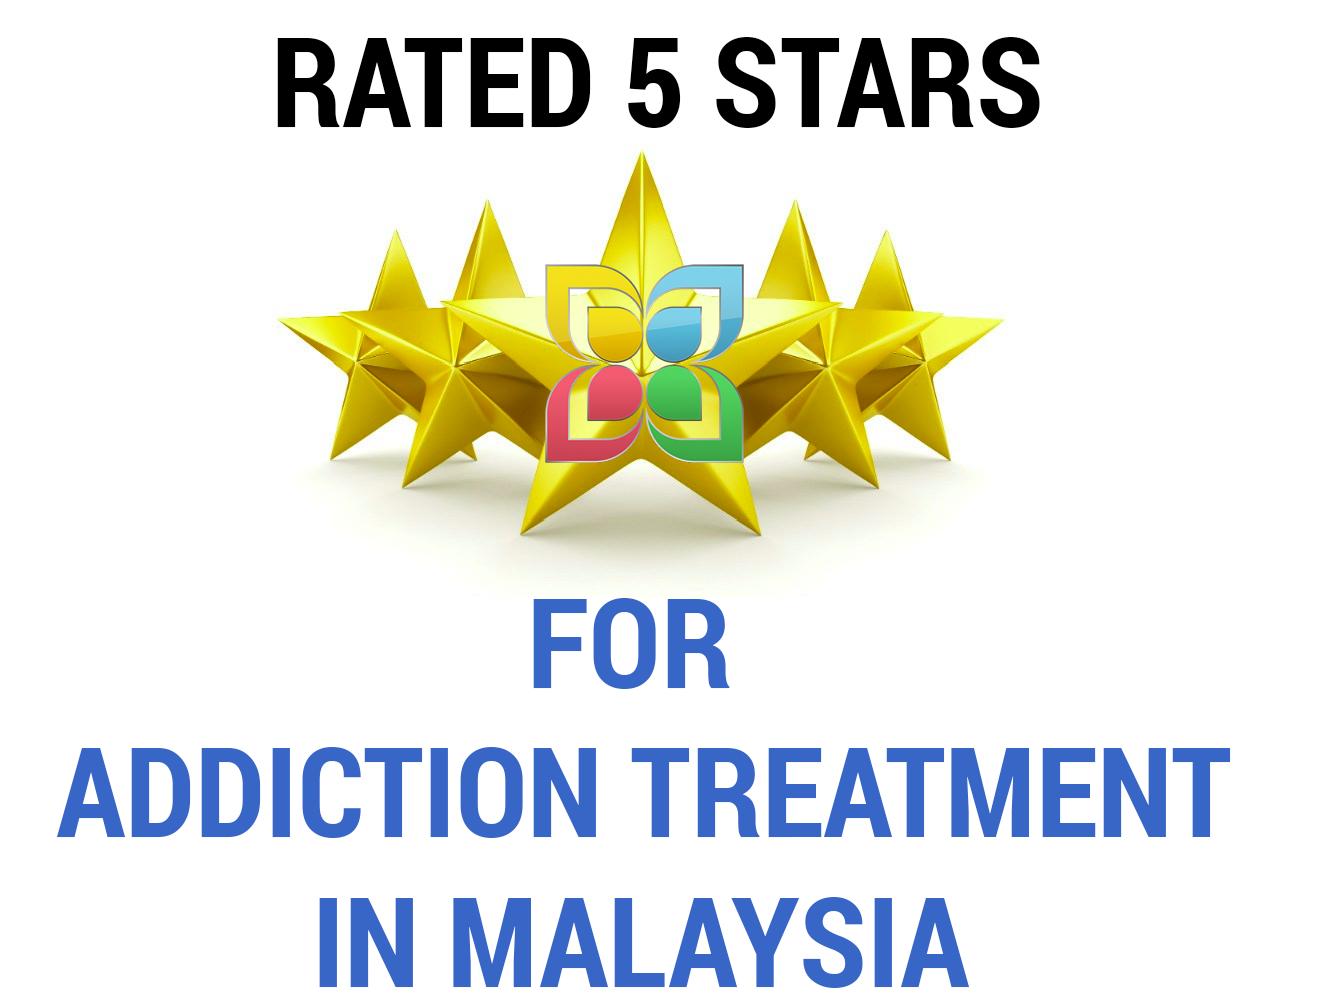 5 Star Treatment Center for Drug Addiction